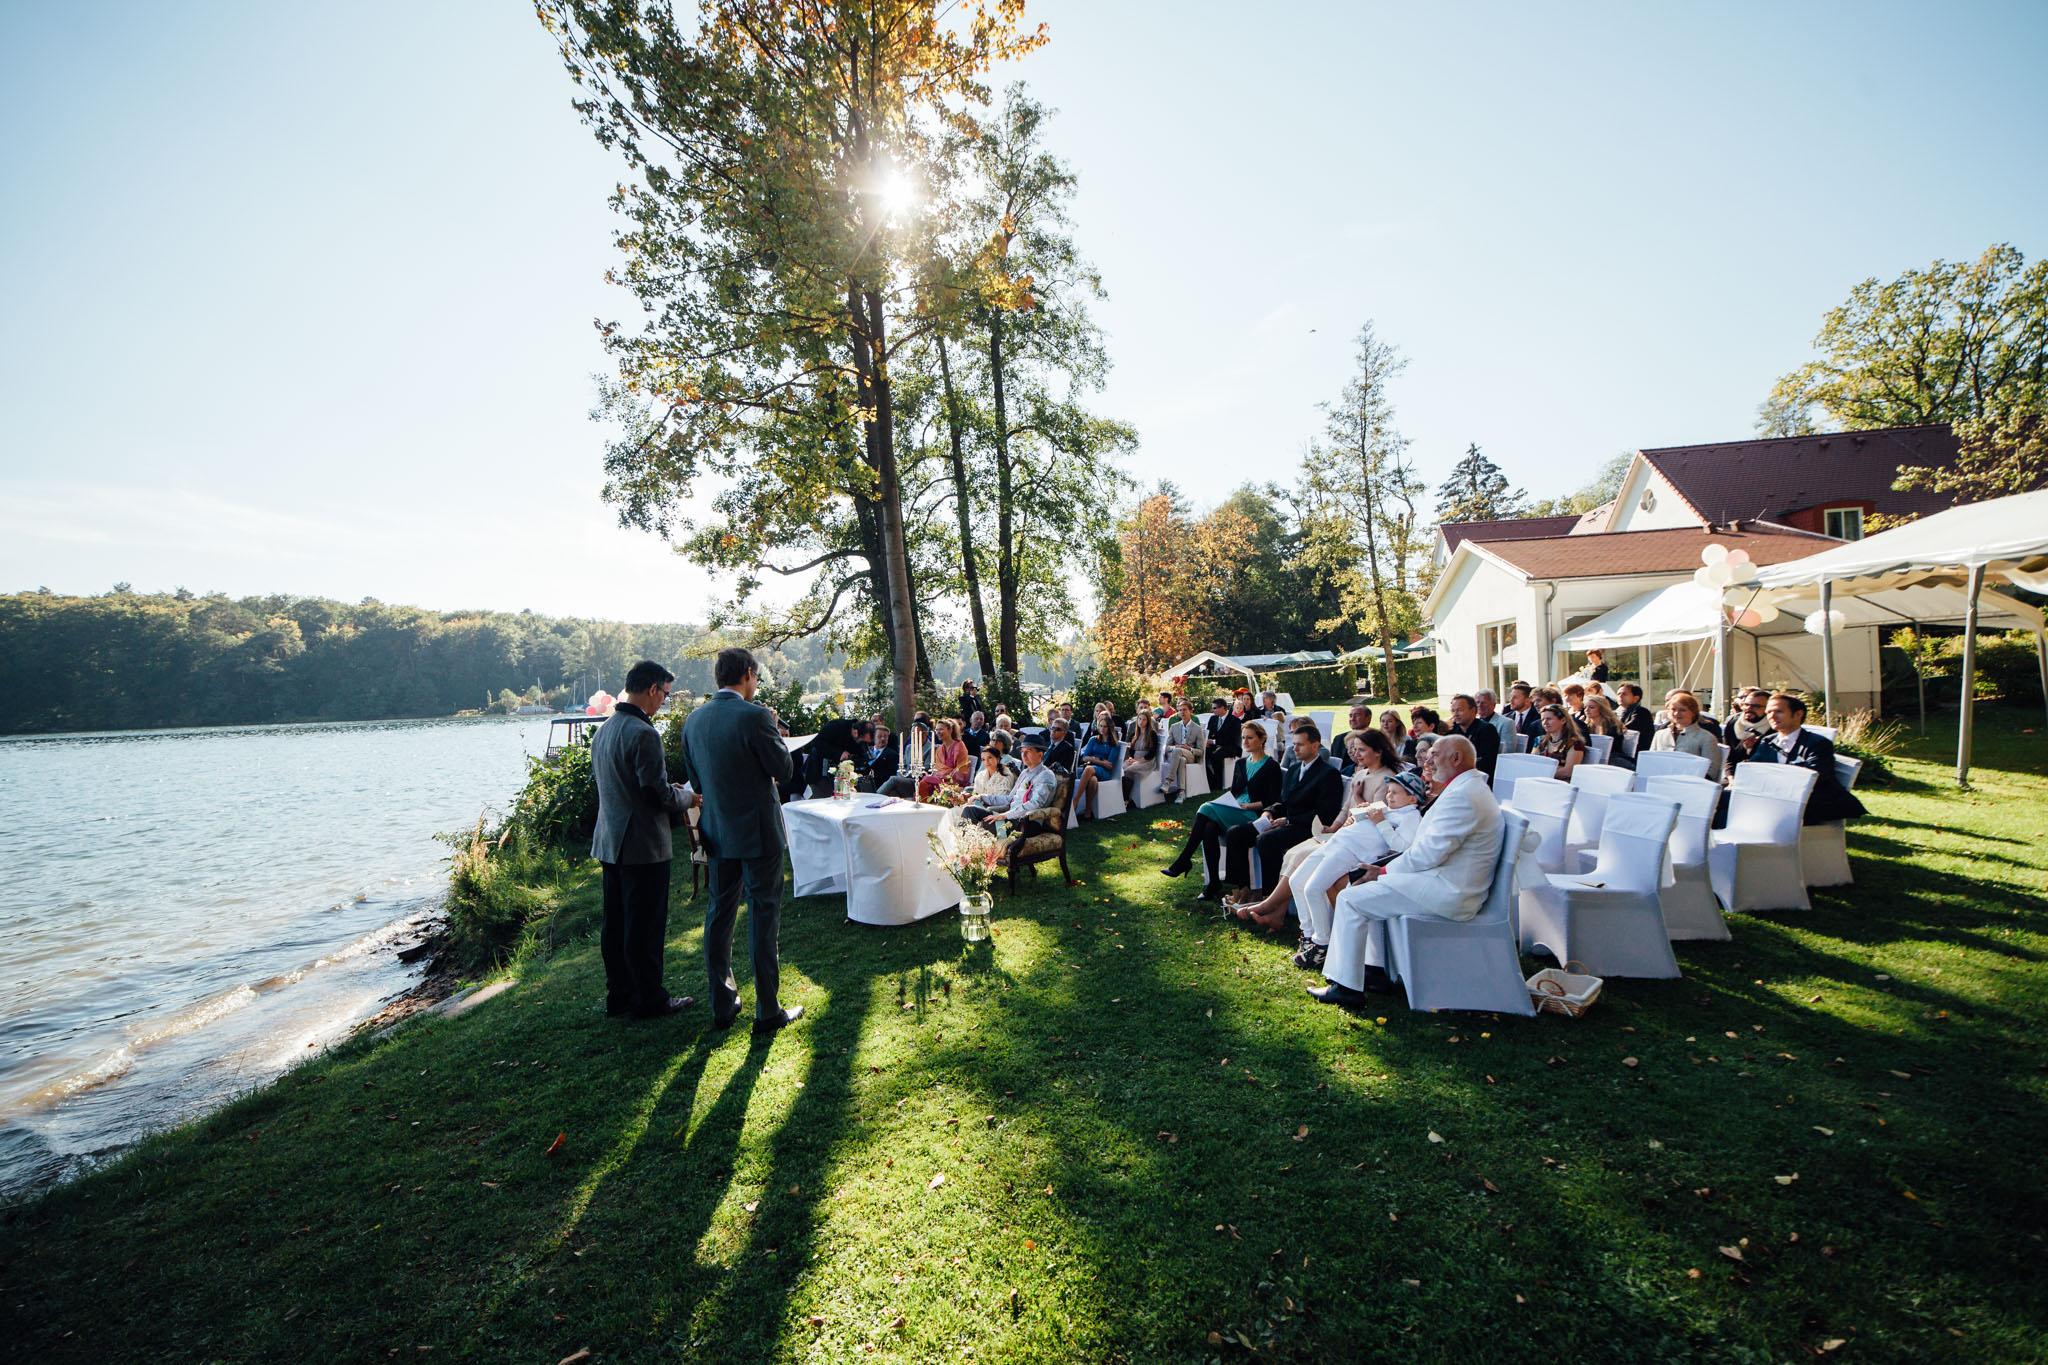 cafe-wildau-heiraten-draussen-freie-trauung